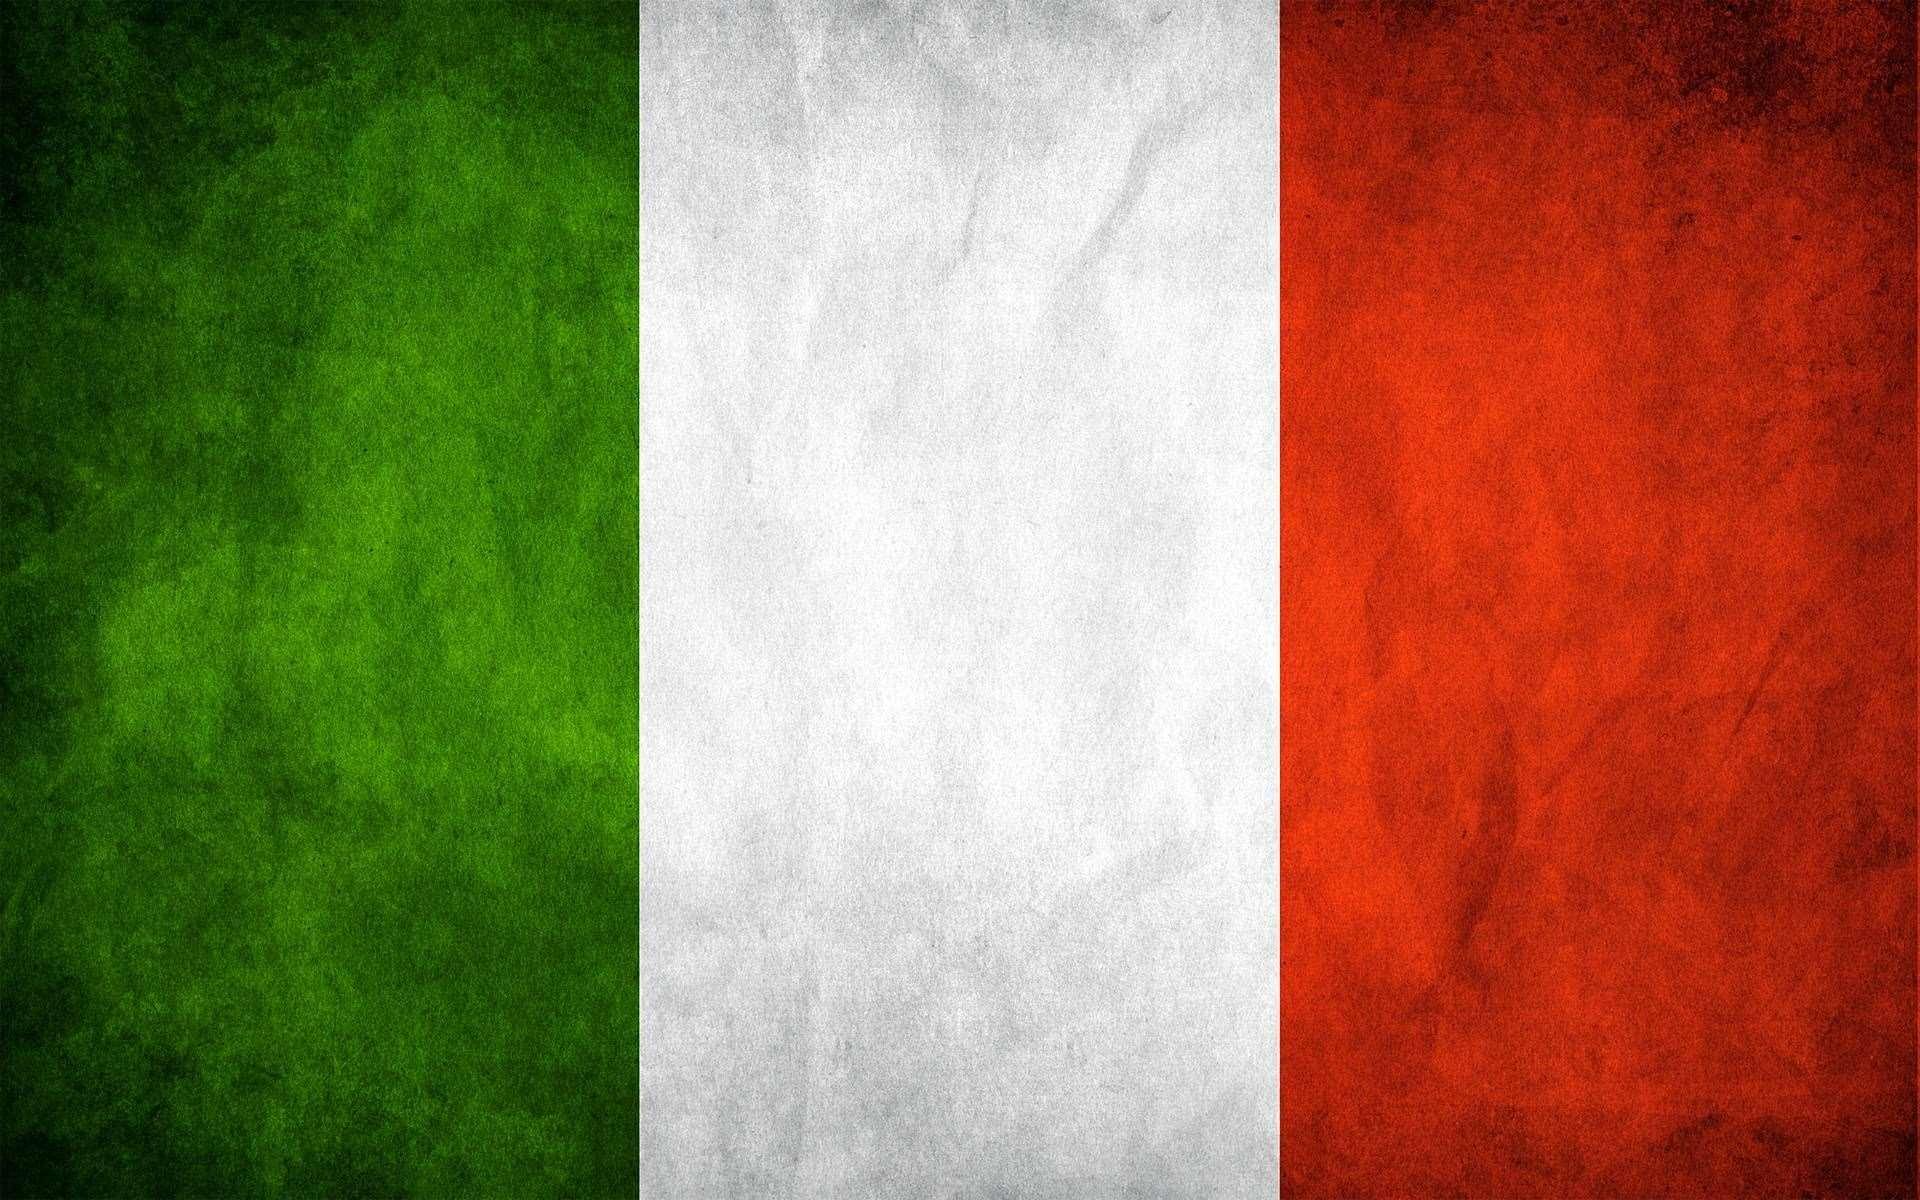 L'Italia è campione d'Europa.